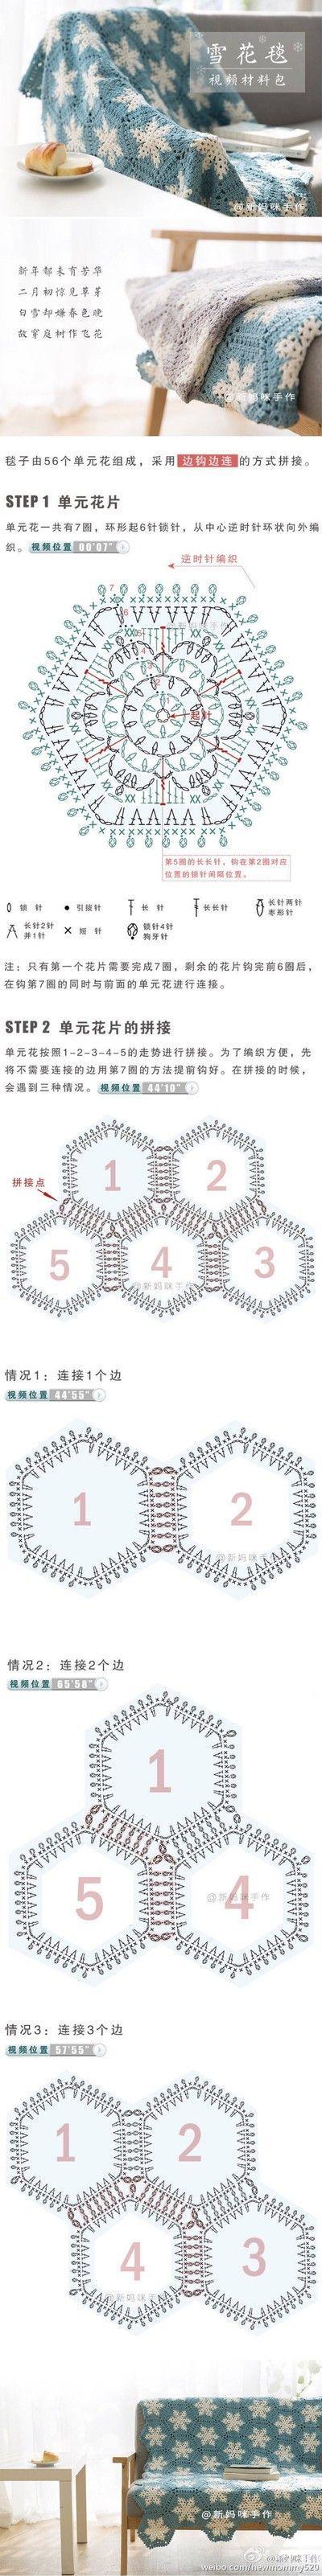 lovely crochet granny square diagram